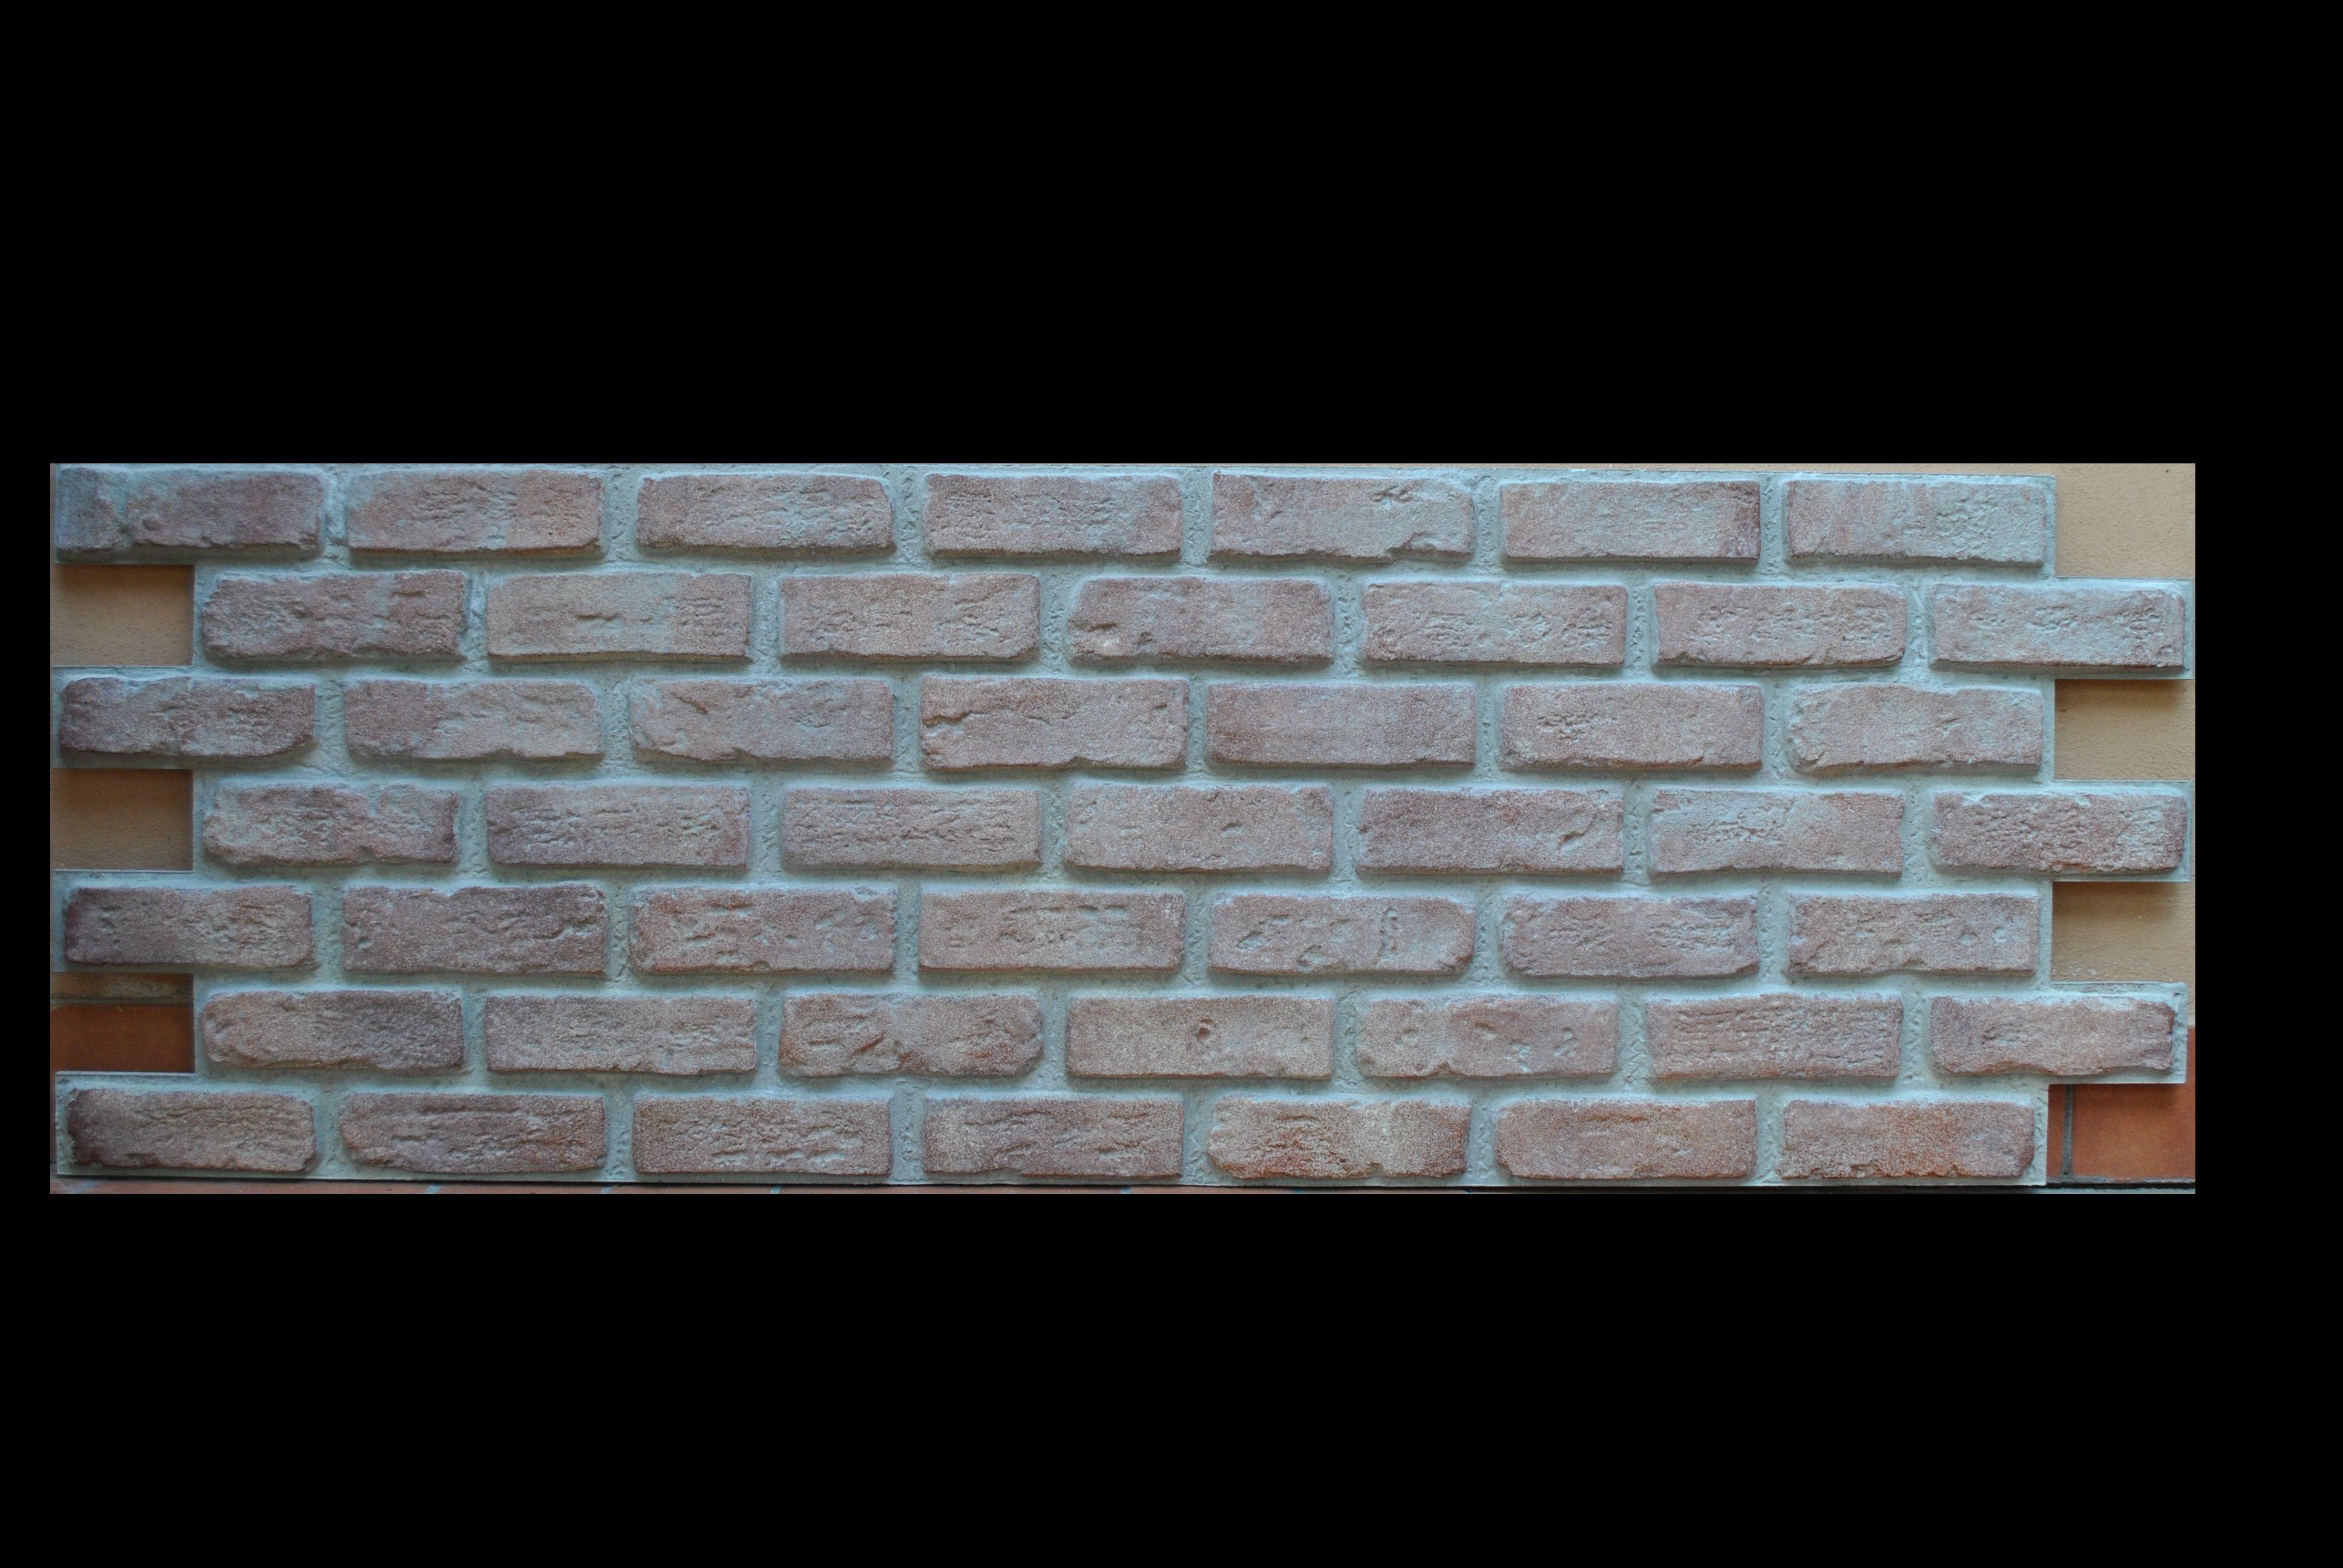 Pannello polistirolo effetto finto mattone for Polistirolo finto legno